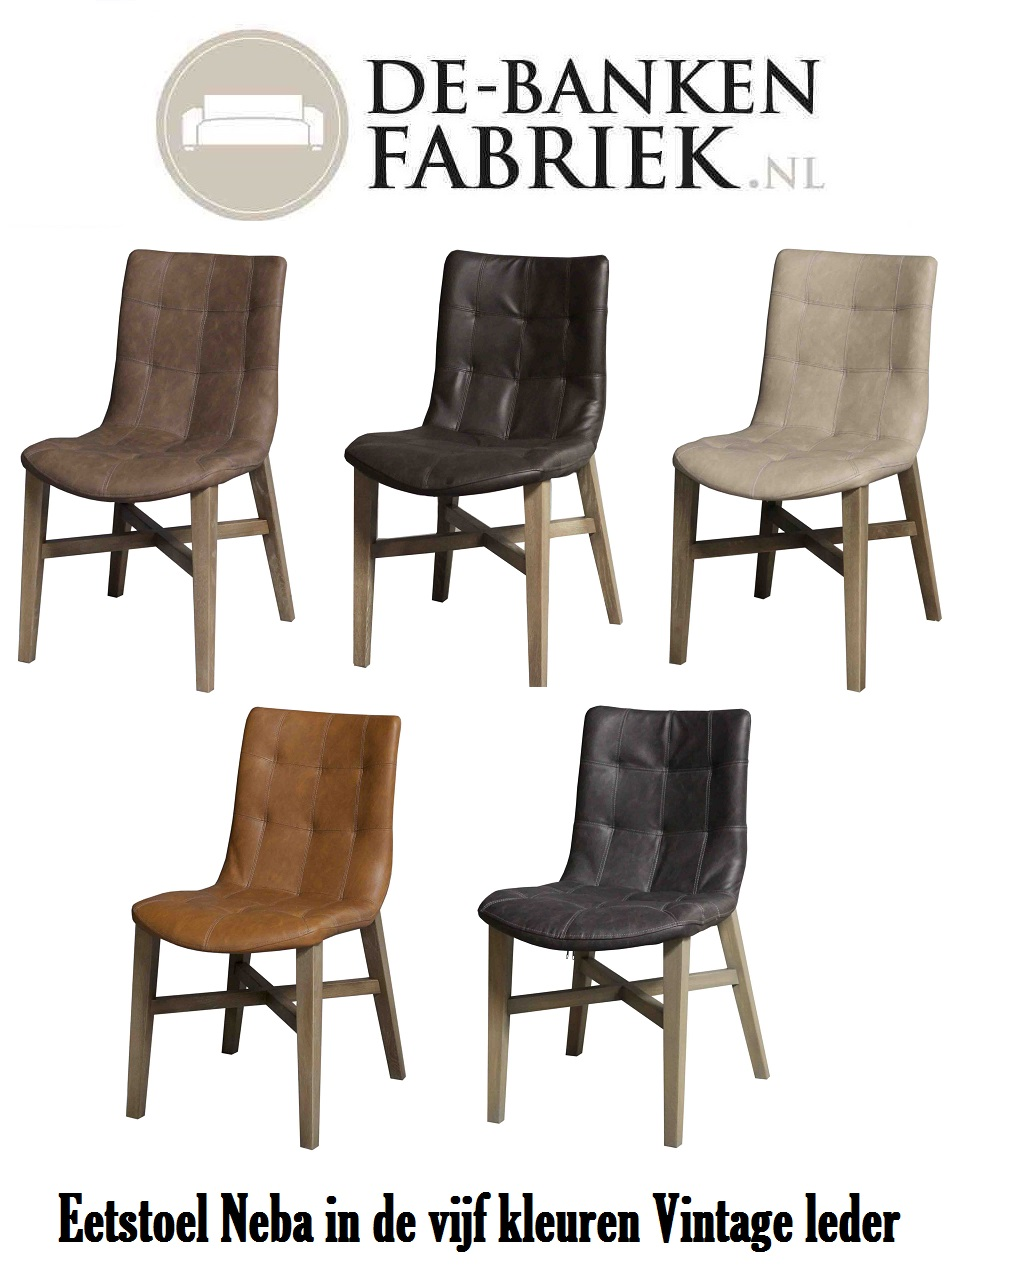 stoere stoelen - De bankenfabriek